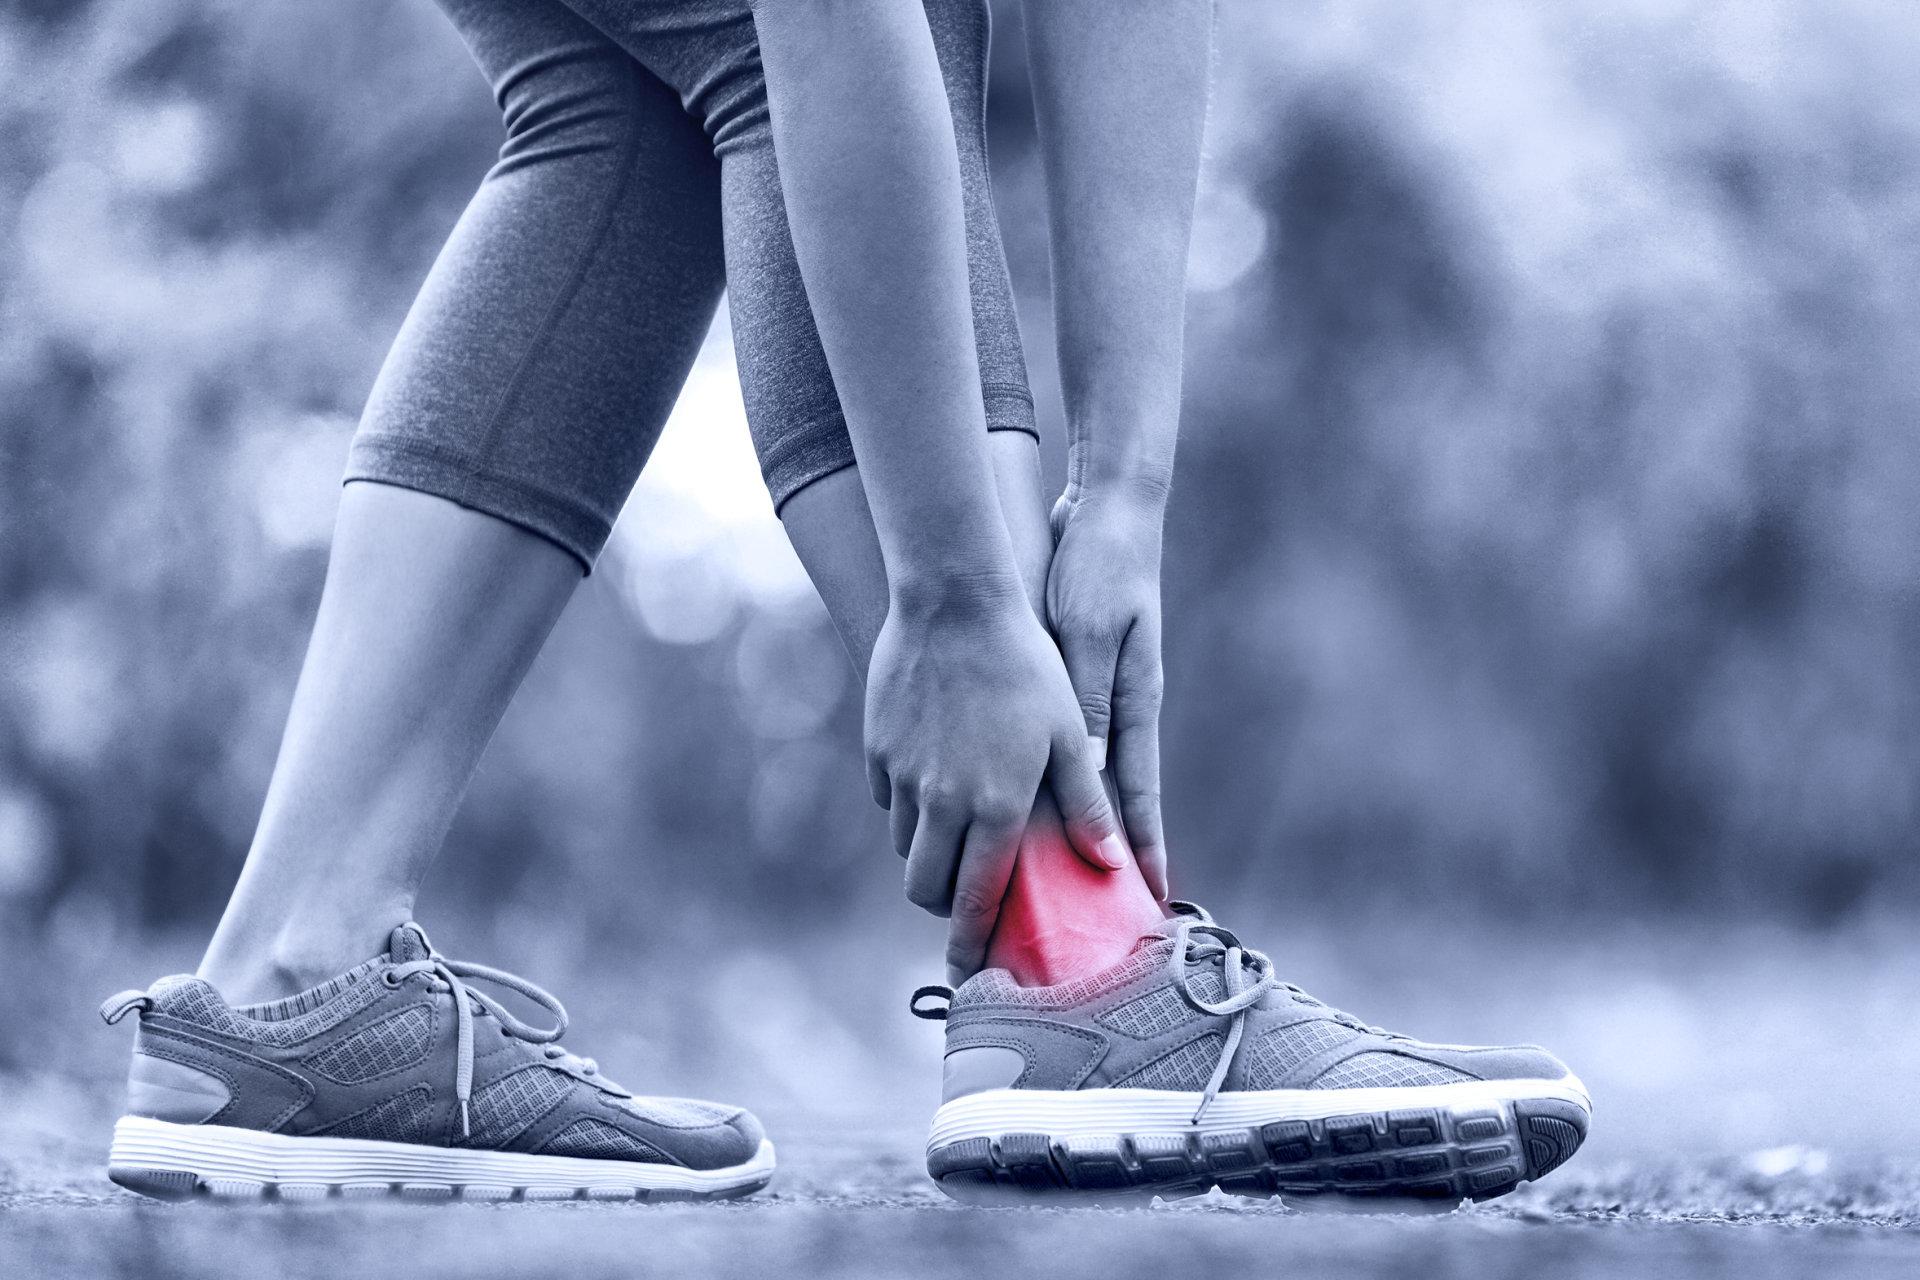 rankų traumos sustav su d_te gydymas kūgis iš sąnarių skausmas